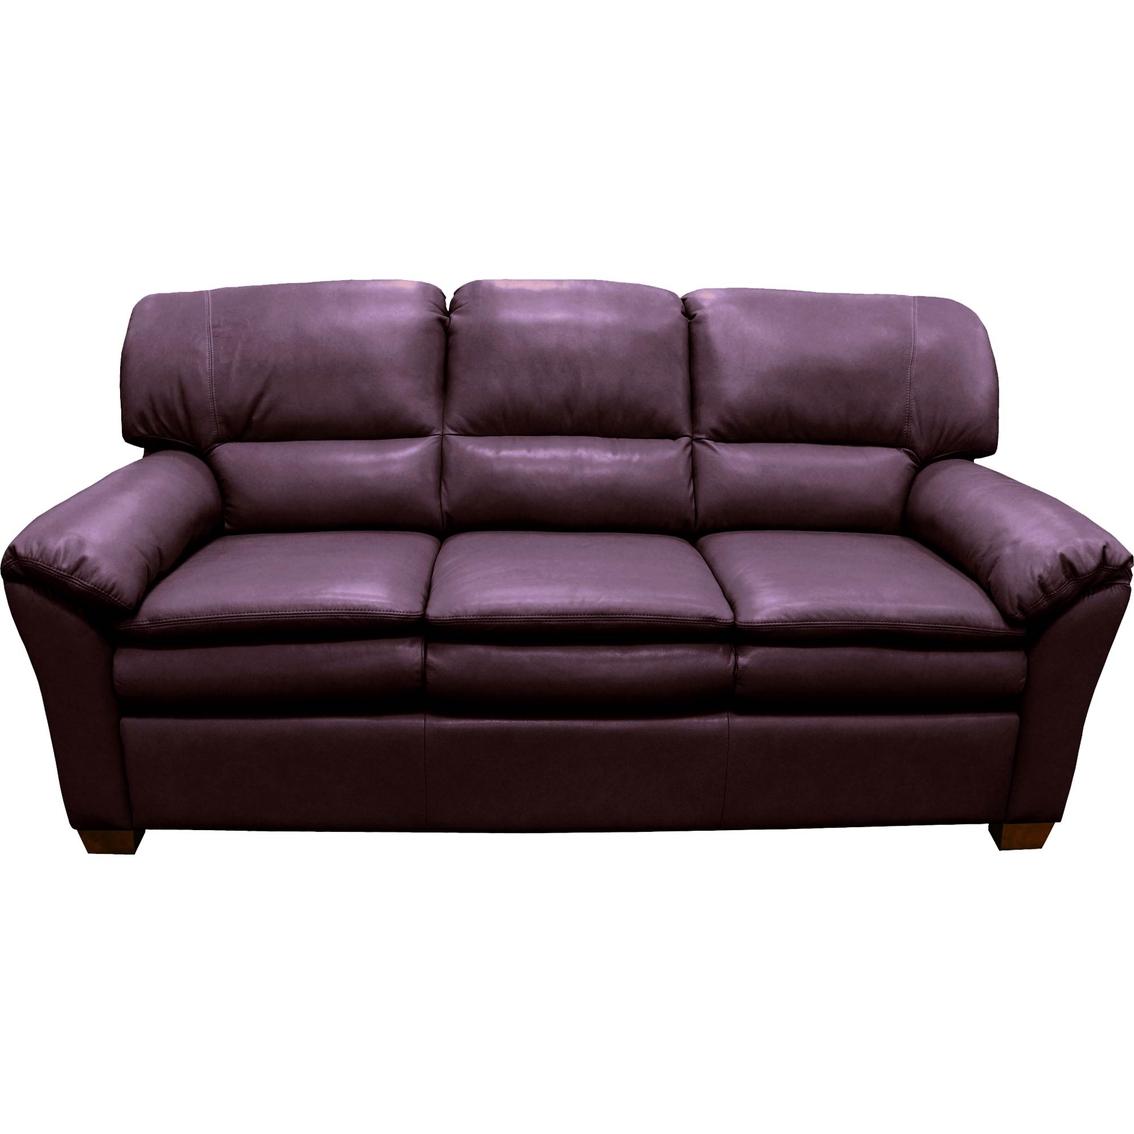 Plum Leather Sofa TheSofa